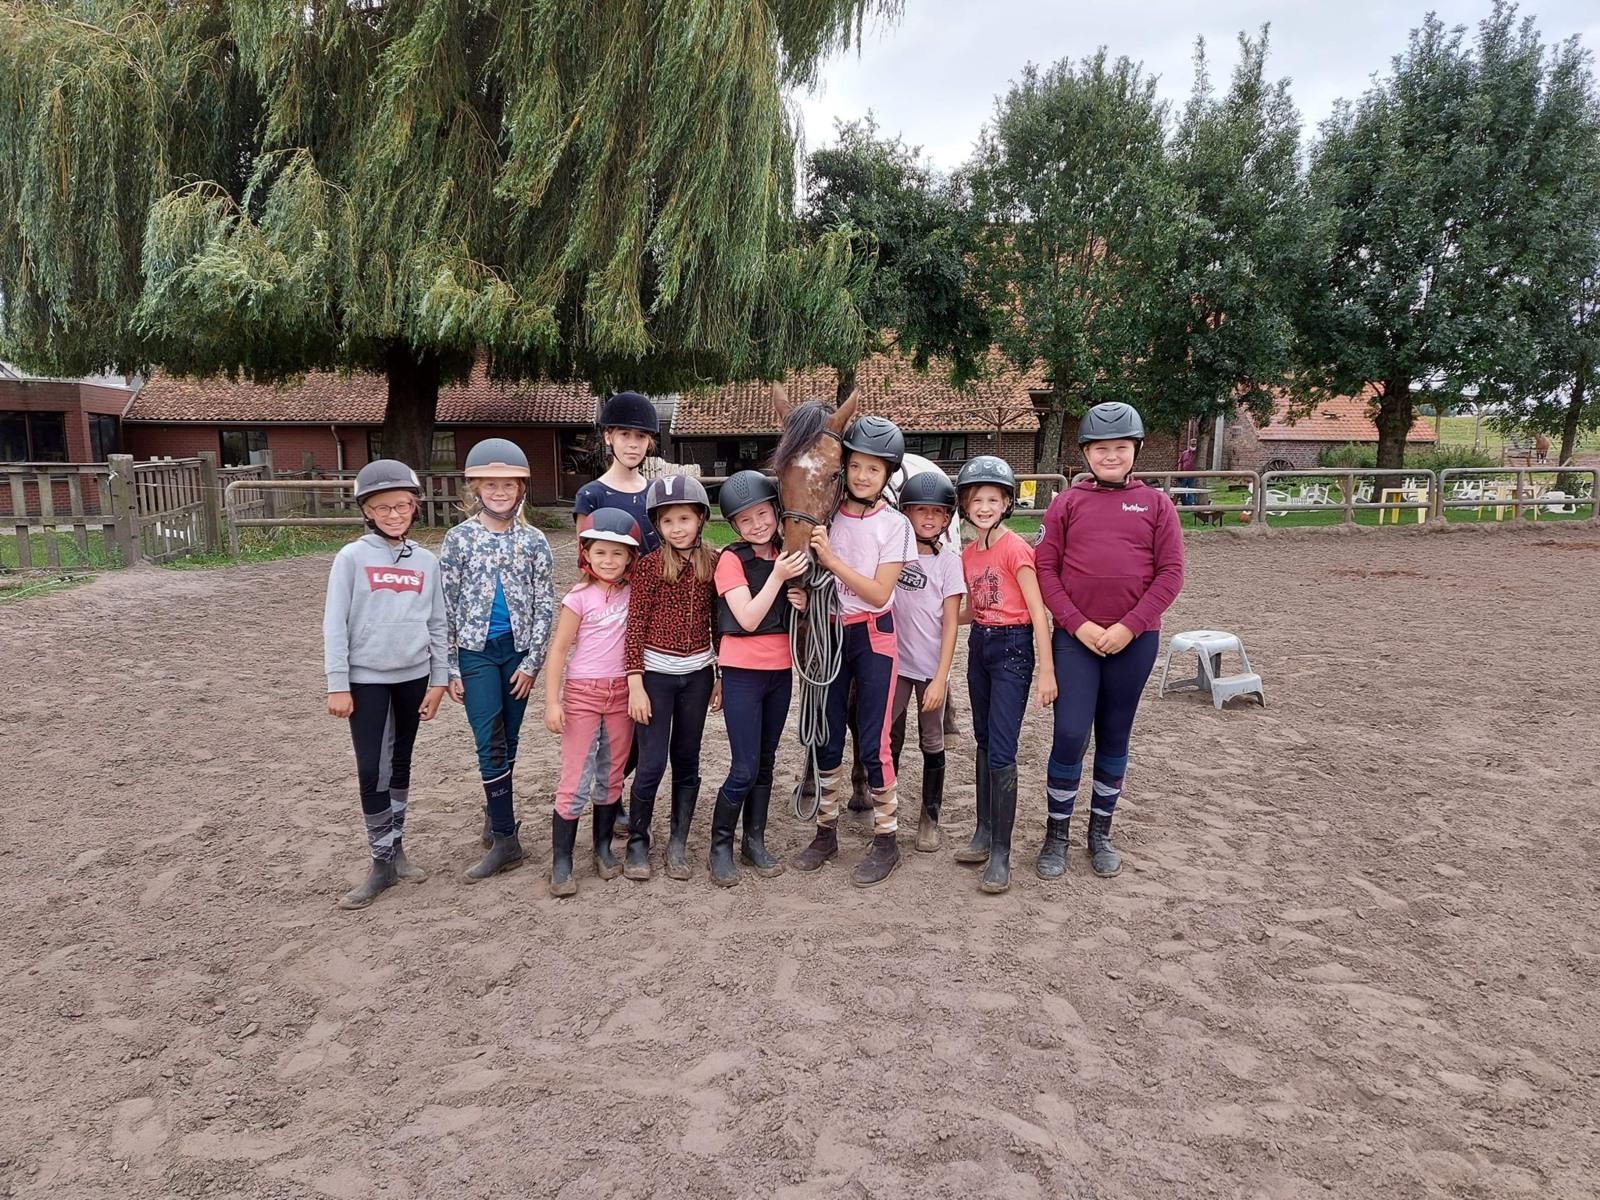 [2022] Paardrijden in het Pajottenland - Pasen - Kester